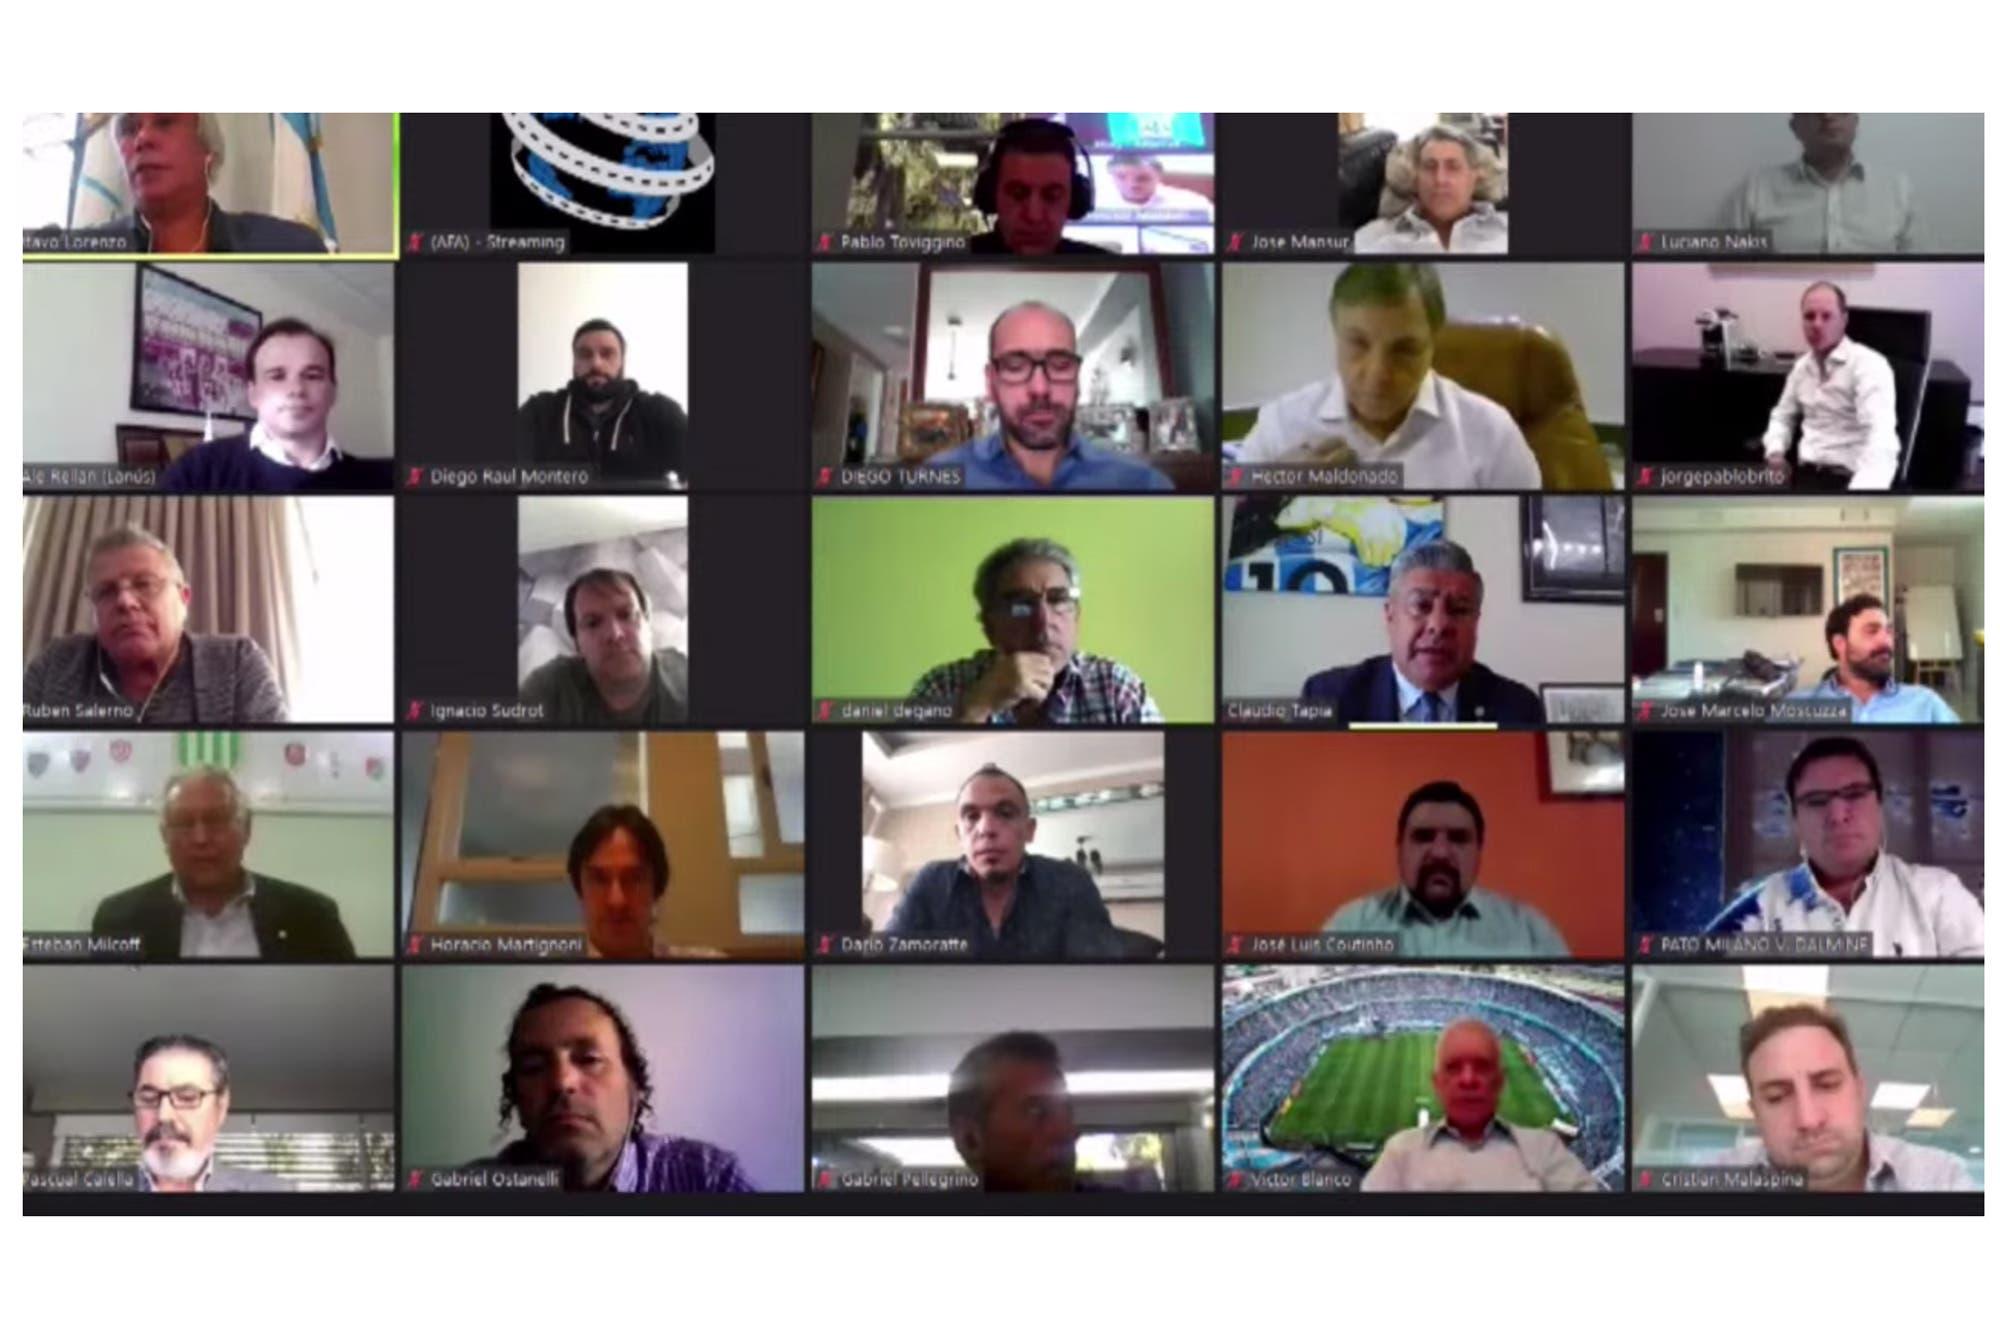 Las perlitas de la reelección virtual de Tapia en la AFA: el desconectado, el error de cálculo y el YouTube en vivo que no anduvo